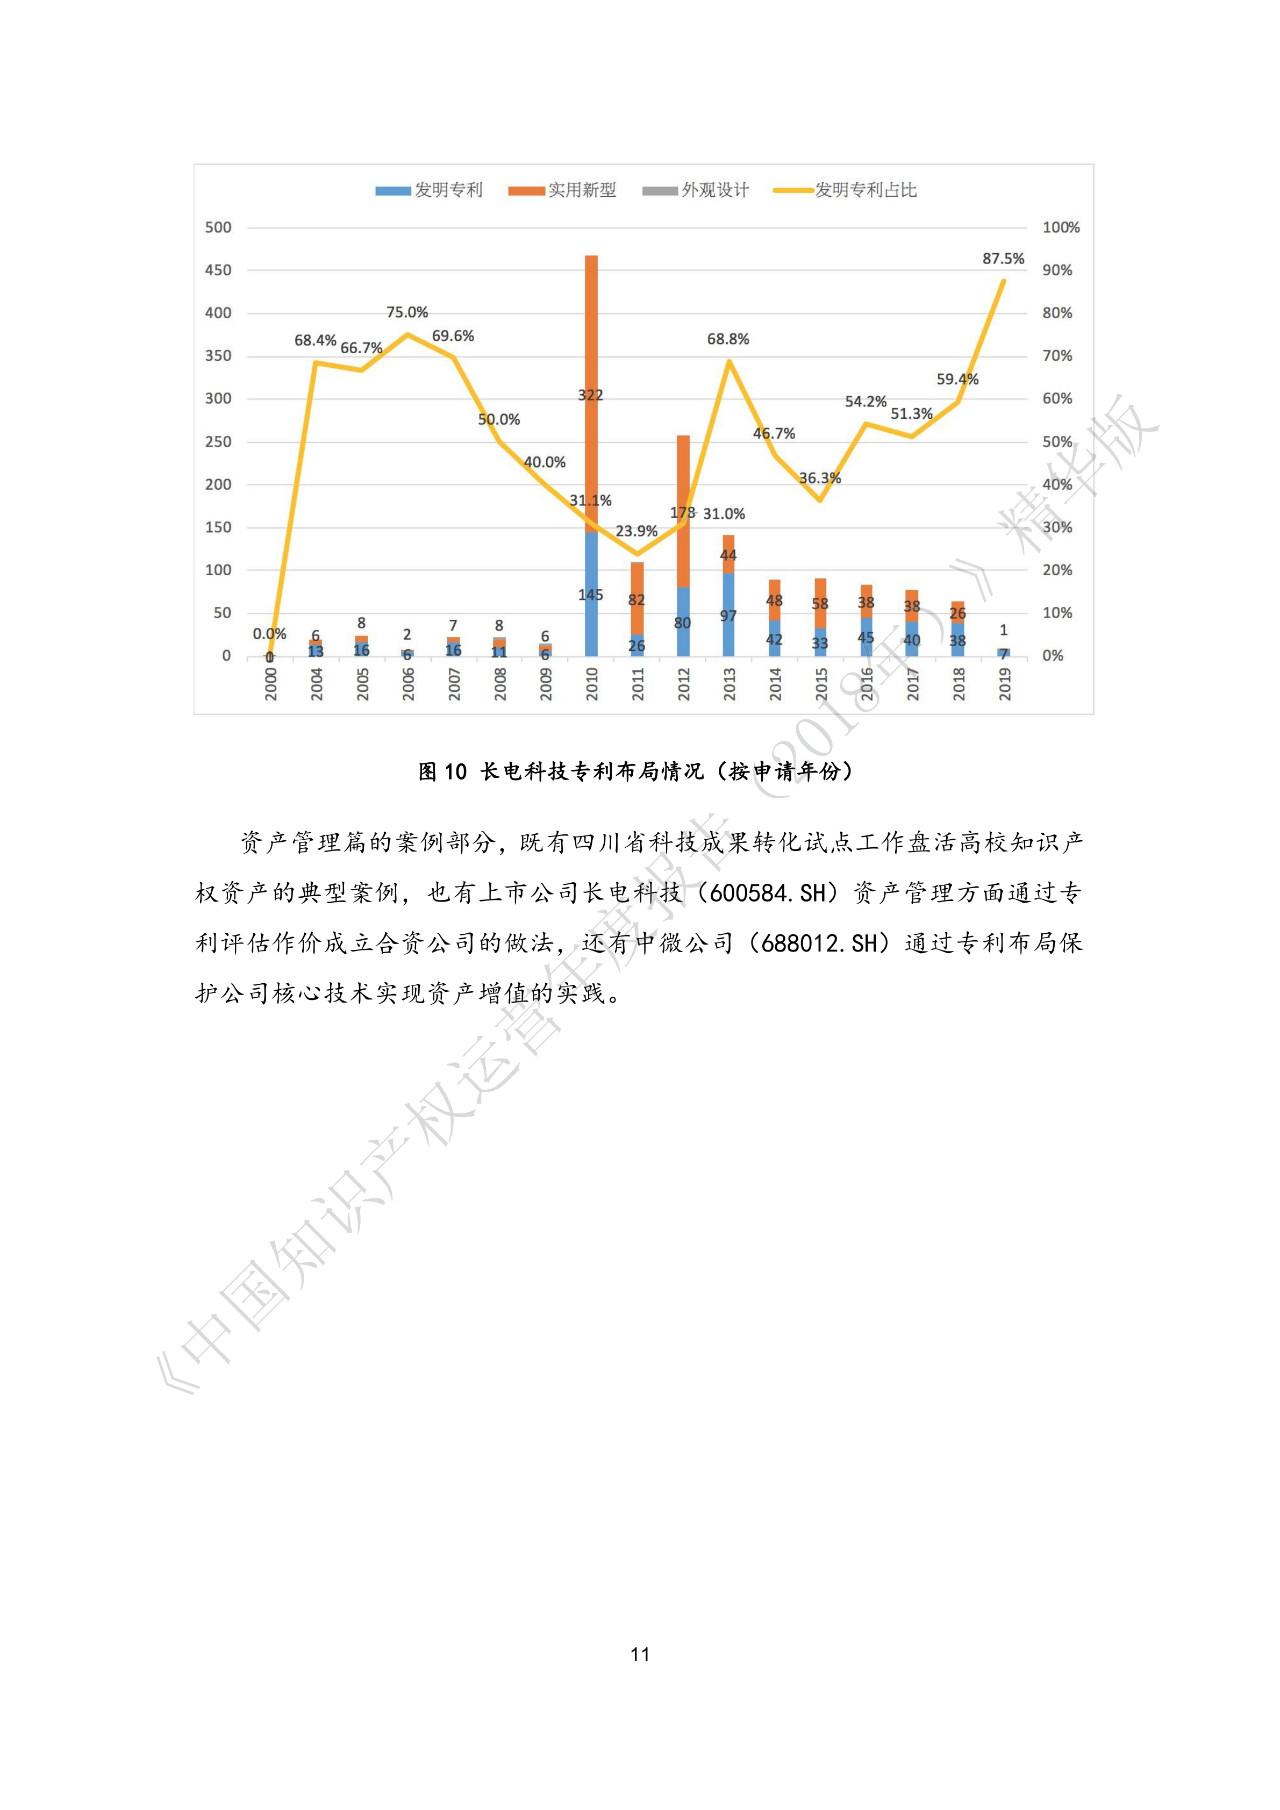 刚刚!《中国知识产权运营年度报告(2018)》精华版全文发布